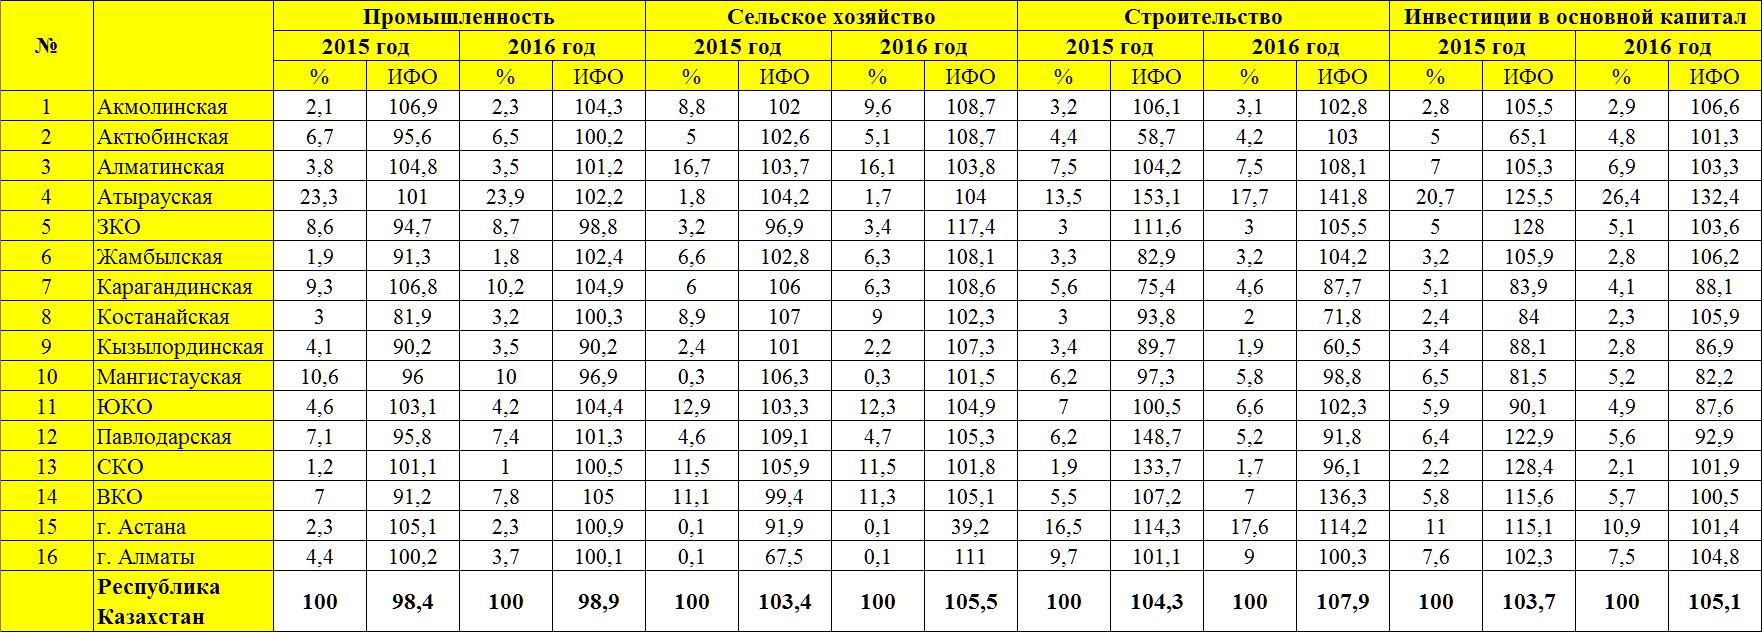 Ставки налога на транспорт на 2015 год в казахстане таблица vip прогноз спорт